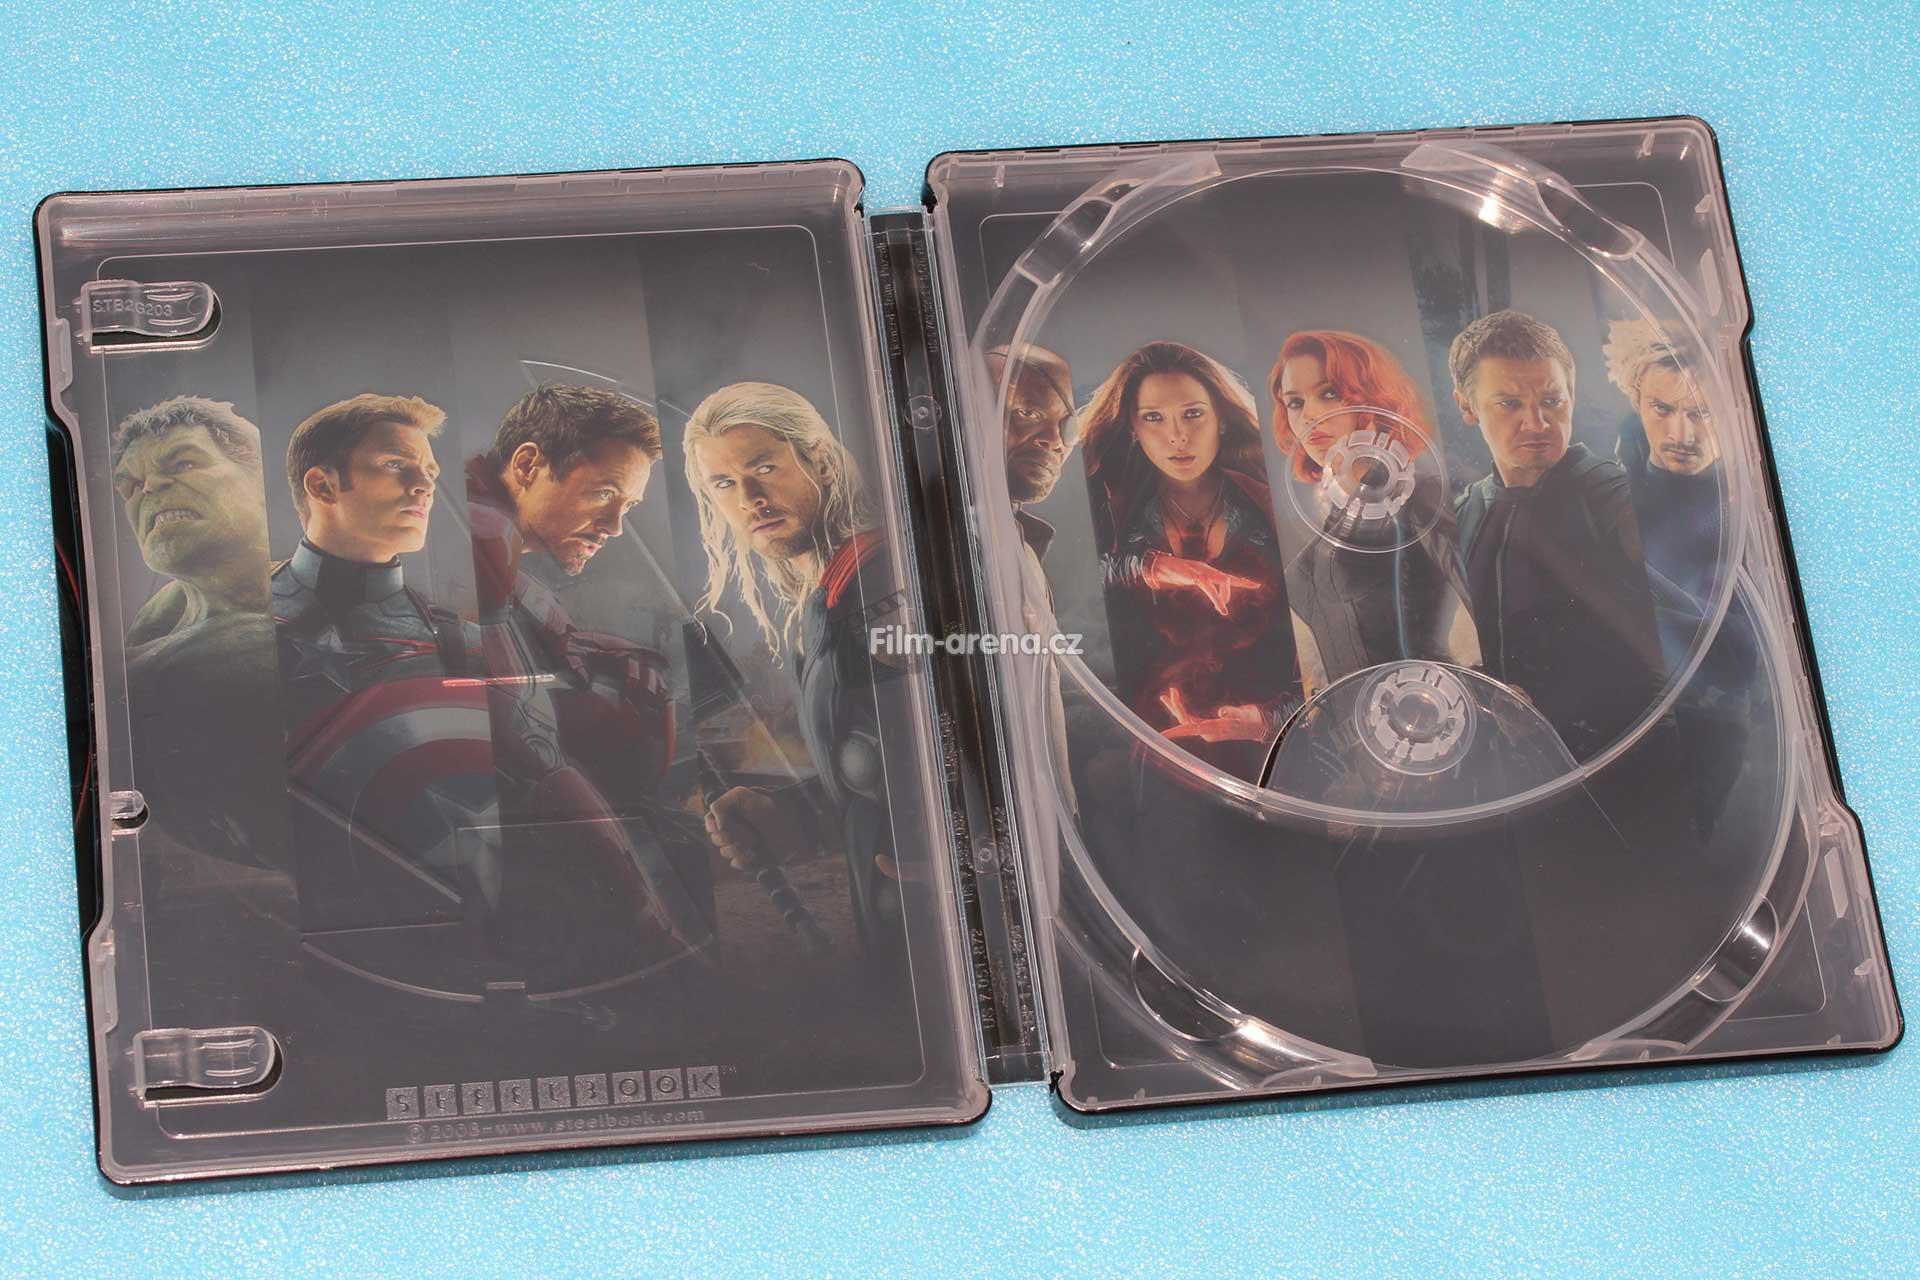 http://www.filmarena.cz/upload/images/nazivo/Avengers_2/avengers_05.jpg